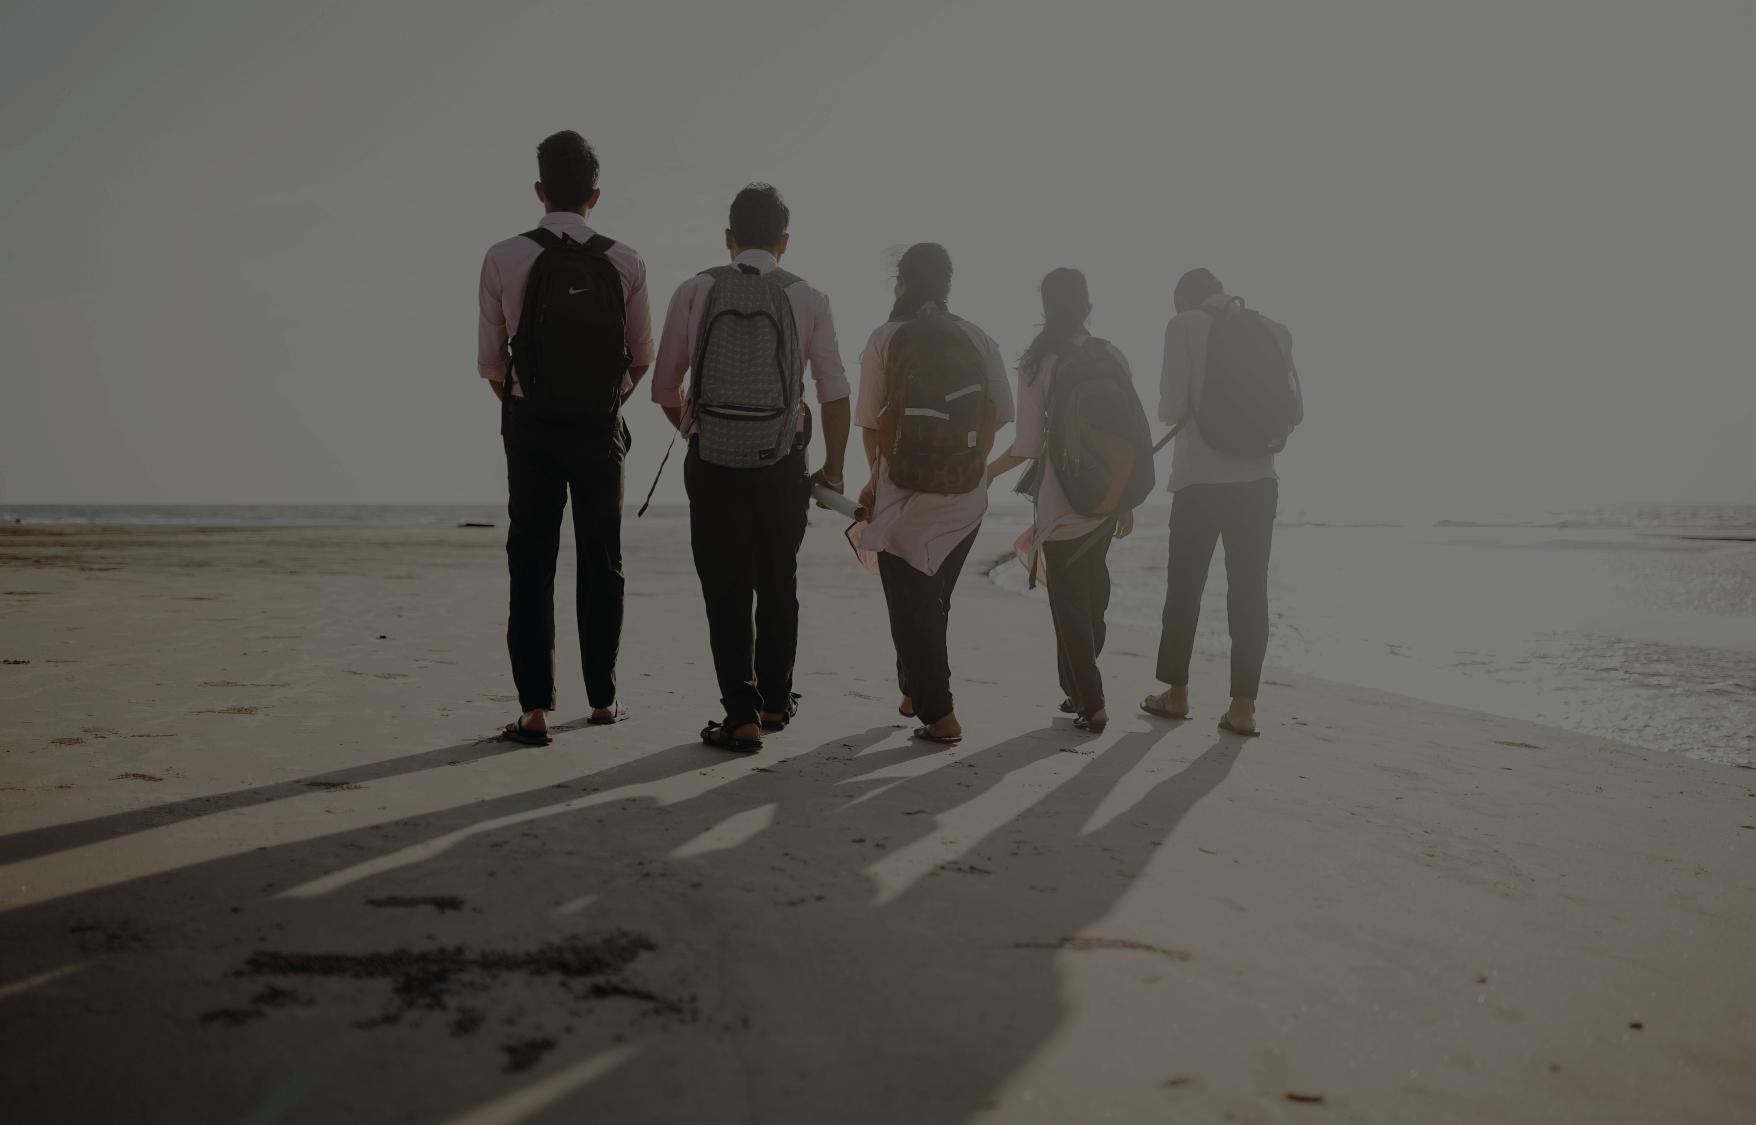 Dicas para o regresso ao trabalho na «nova normalidade» - Artigo de Blog | IT People Innovation